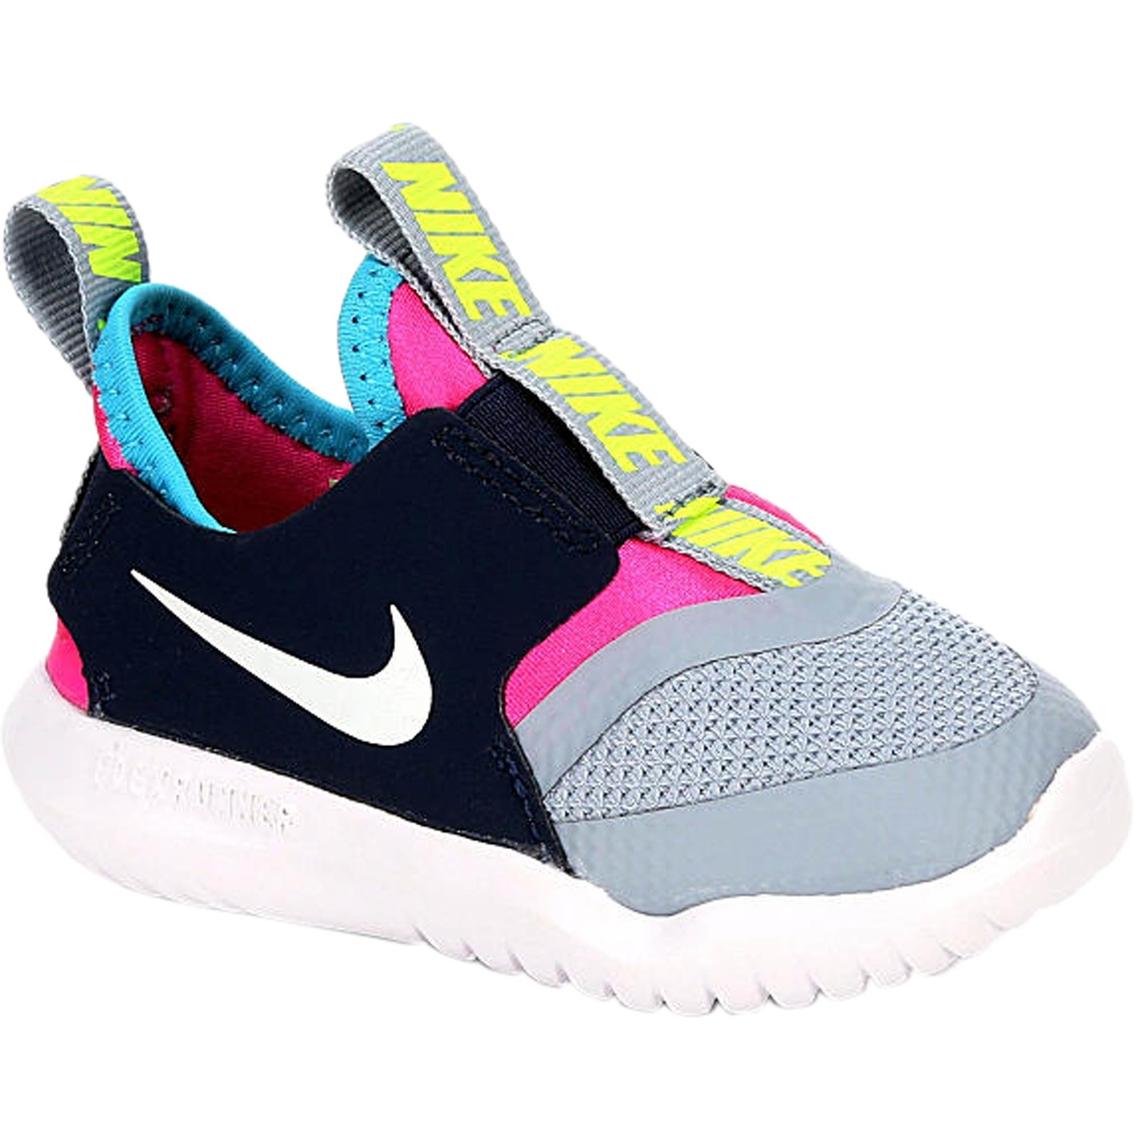 Nike Girls Flex Runner | Sneakers